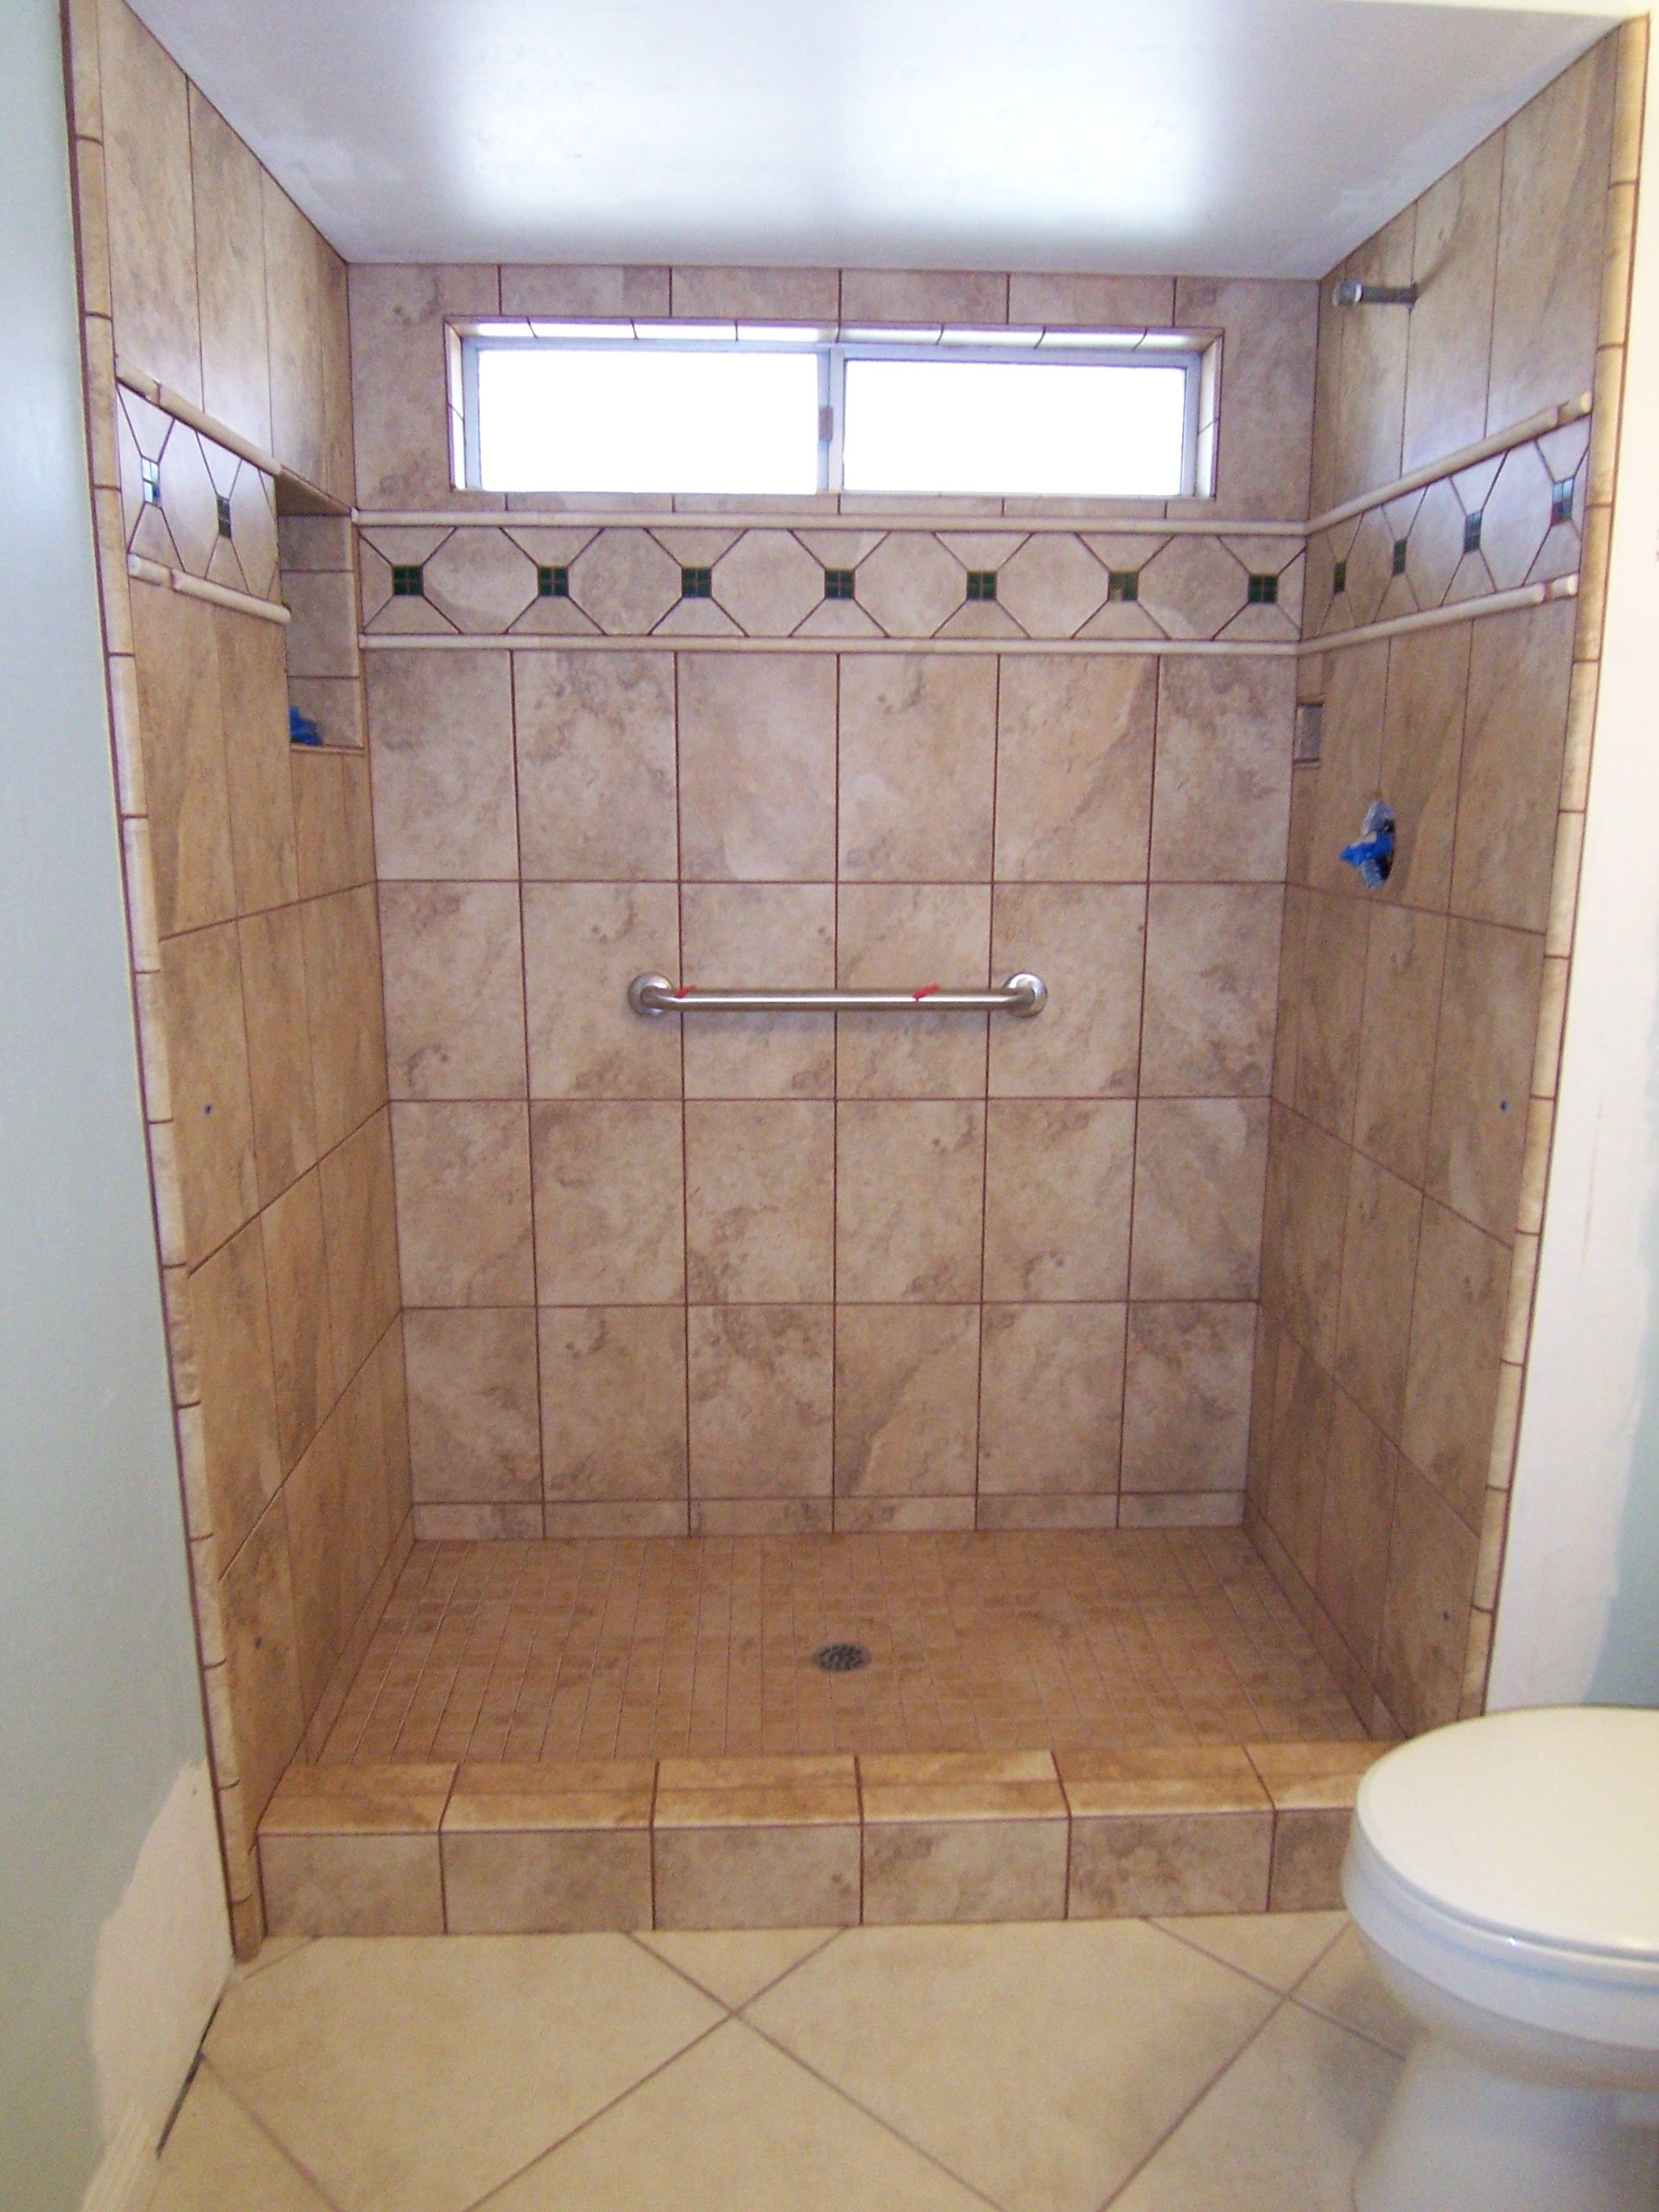 Shower Stalls Tile Over Tubs Bathroom Design Guide Bathroom Remodel Shower Master Bathroom Remodel Shower